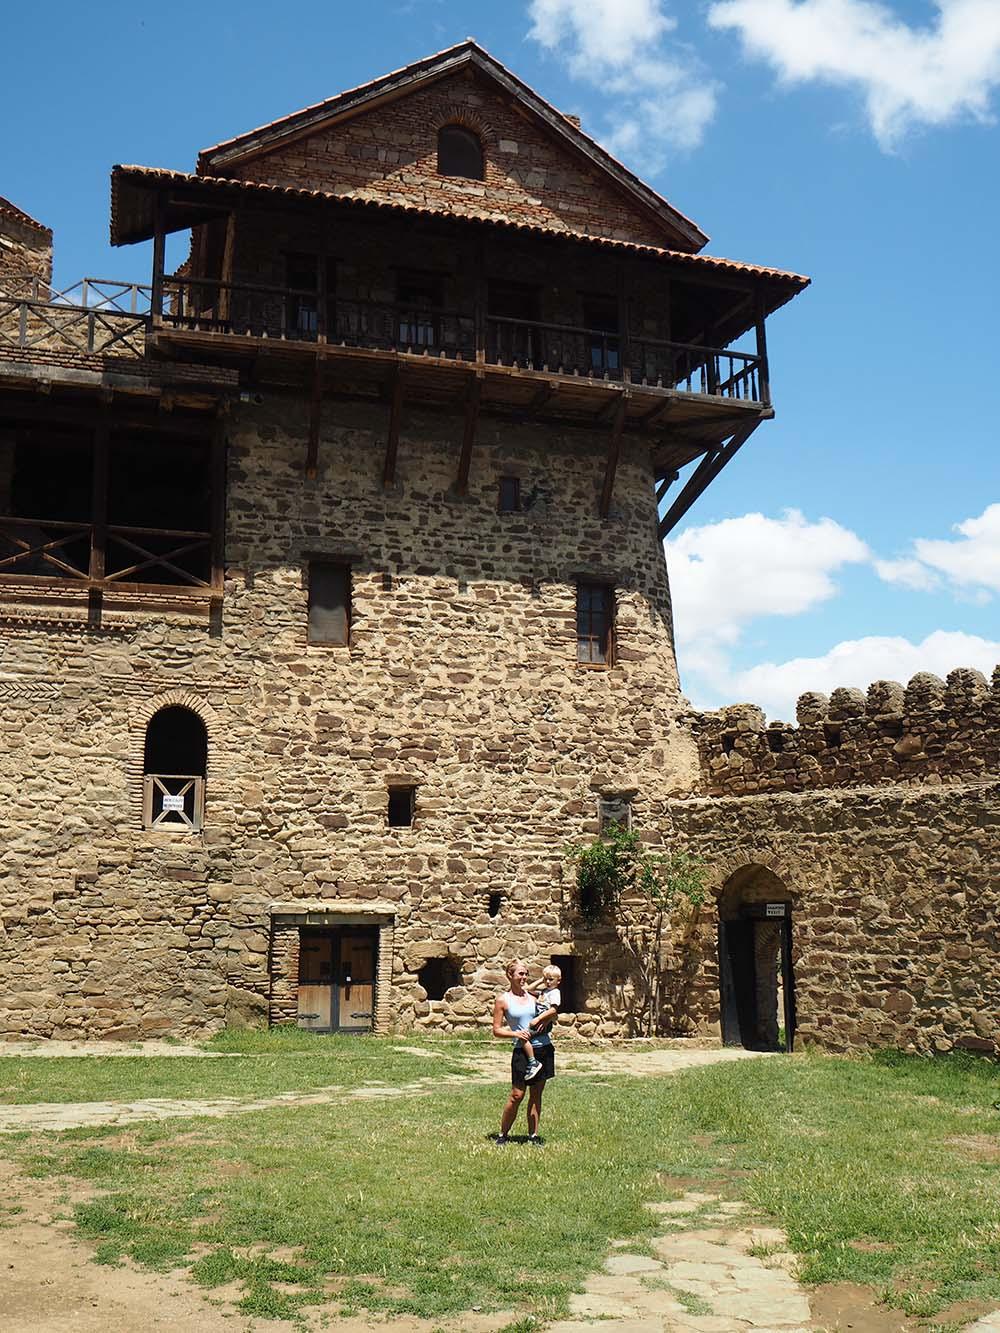 Georgien Urlaub: Tipps & Highlights für eine faszinierende Rundreise – Kloster Dawit Garedscha